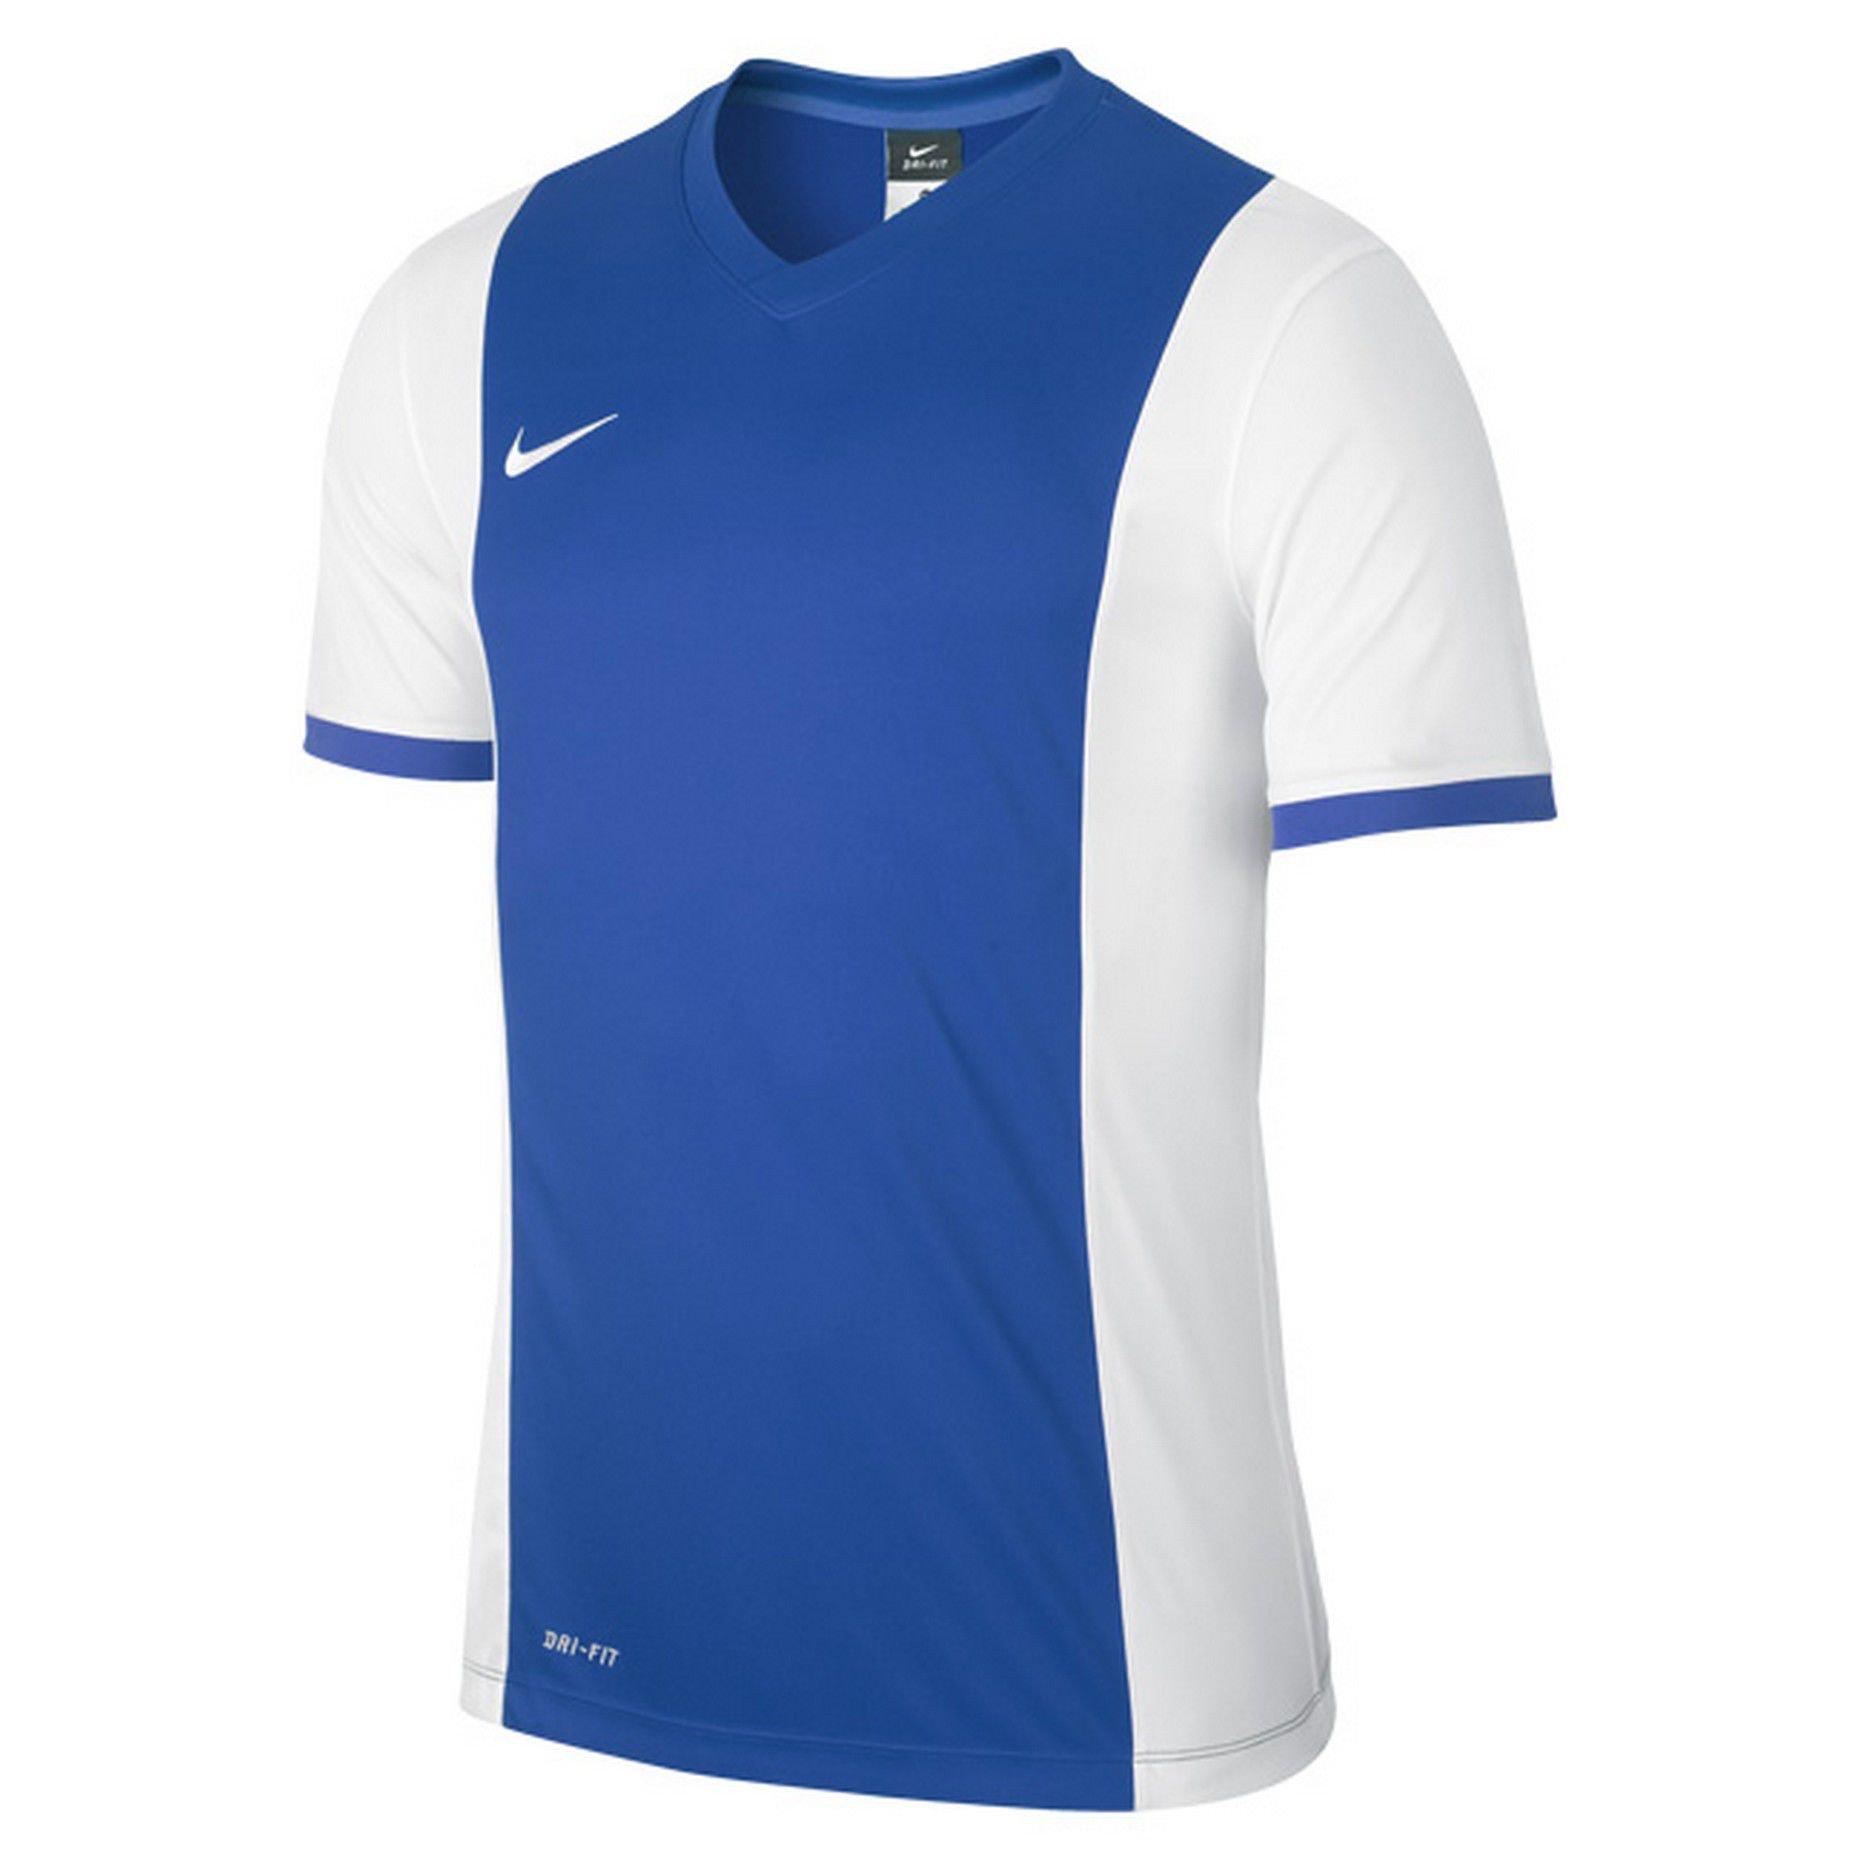 25b7ddf7a641ba Dziecięca Koszulka Piłkarska Nike Park Derby Jersey (588435-463) Kliknij,  aby powiększyć ...